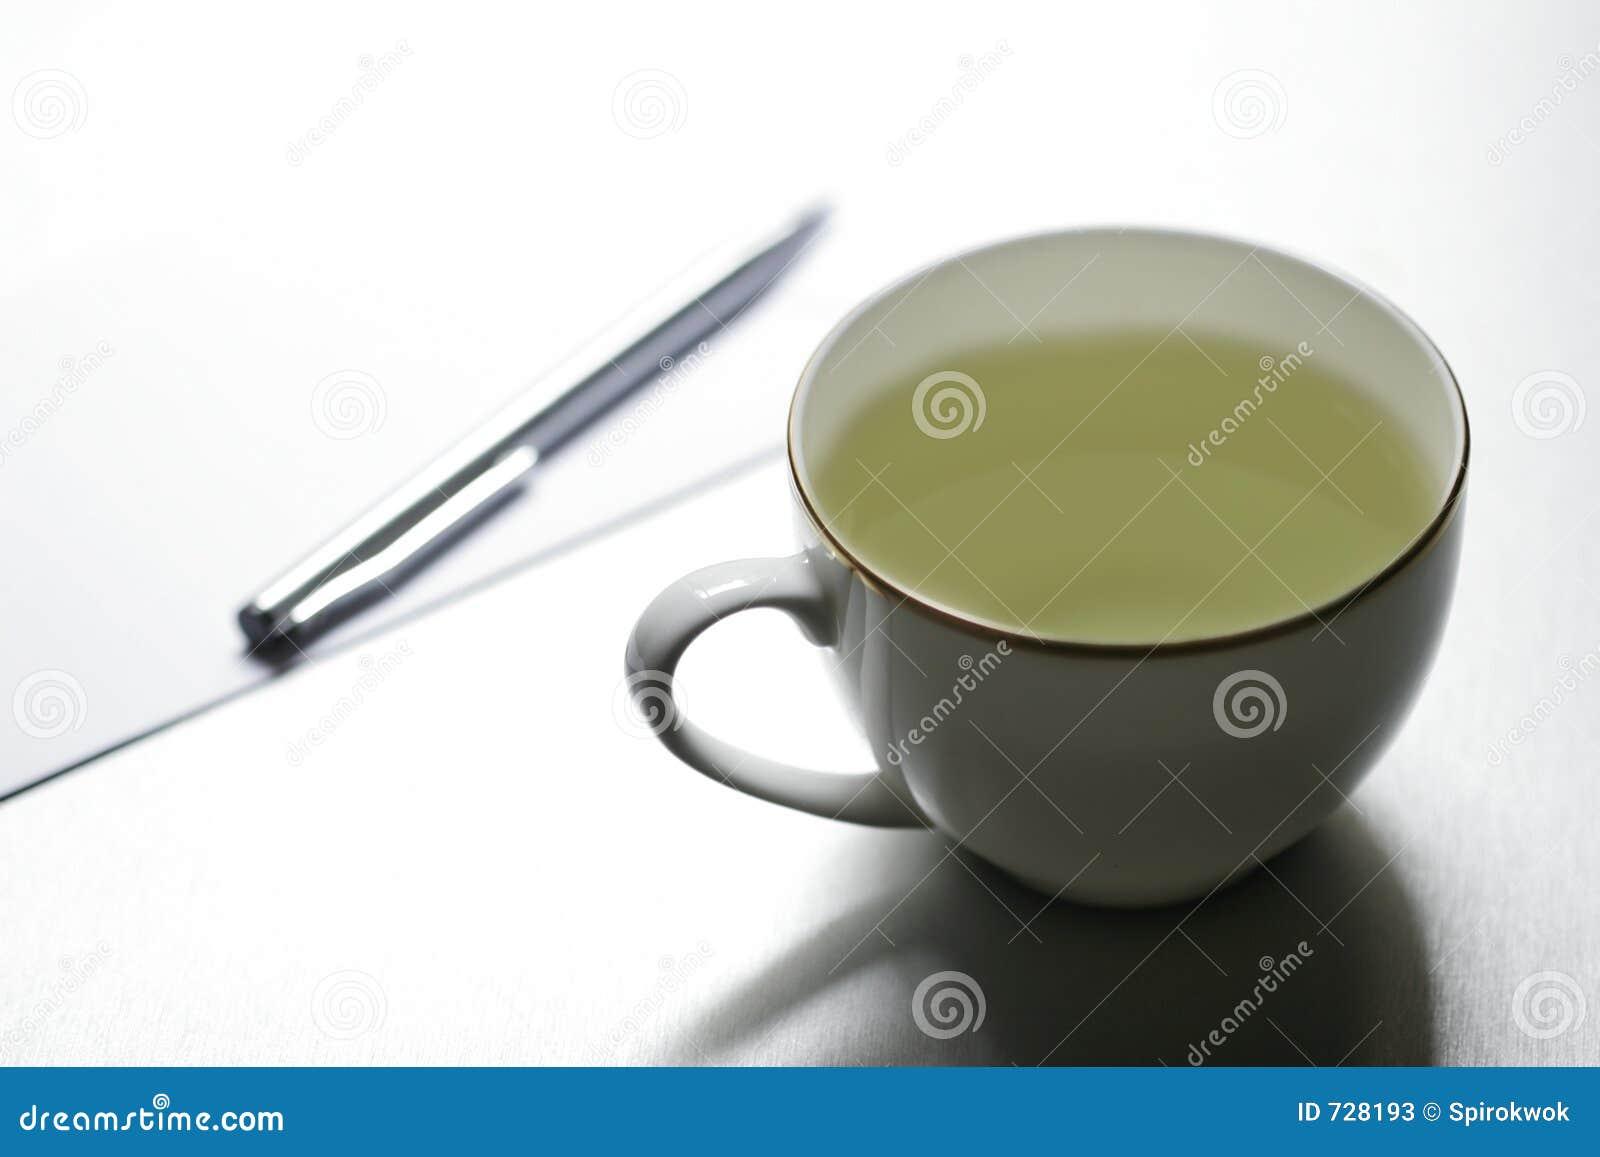 Thé cup_001